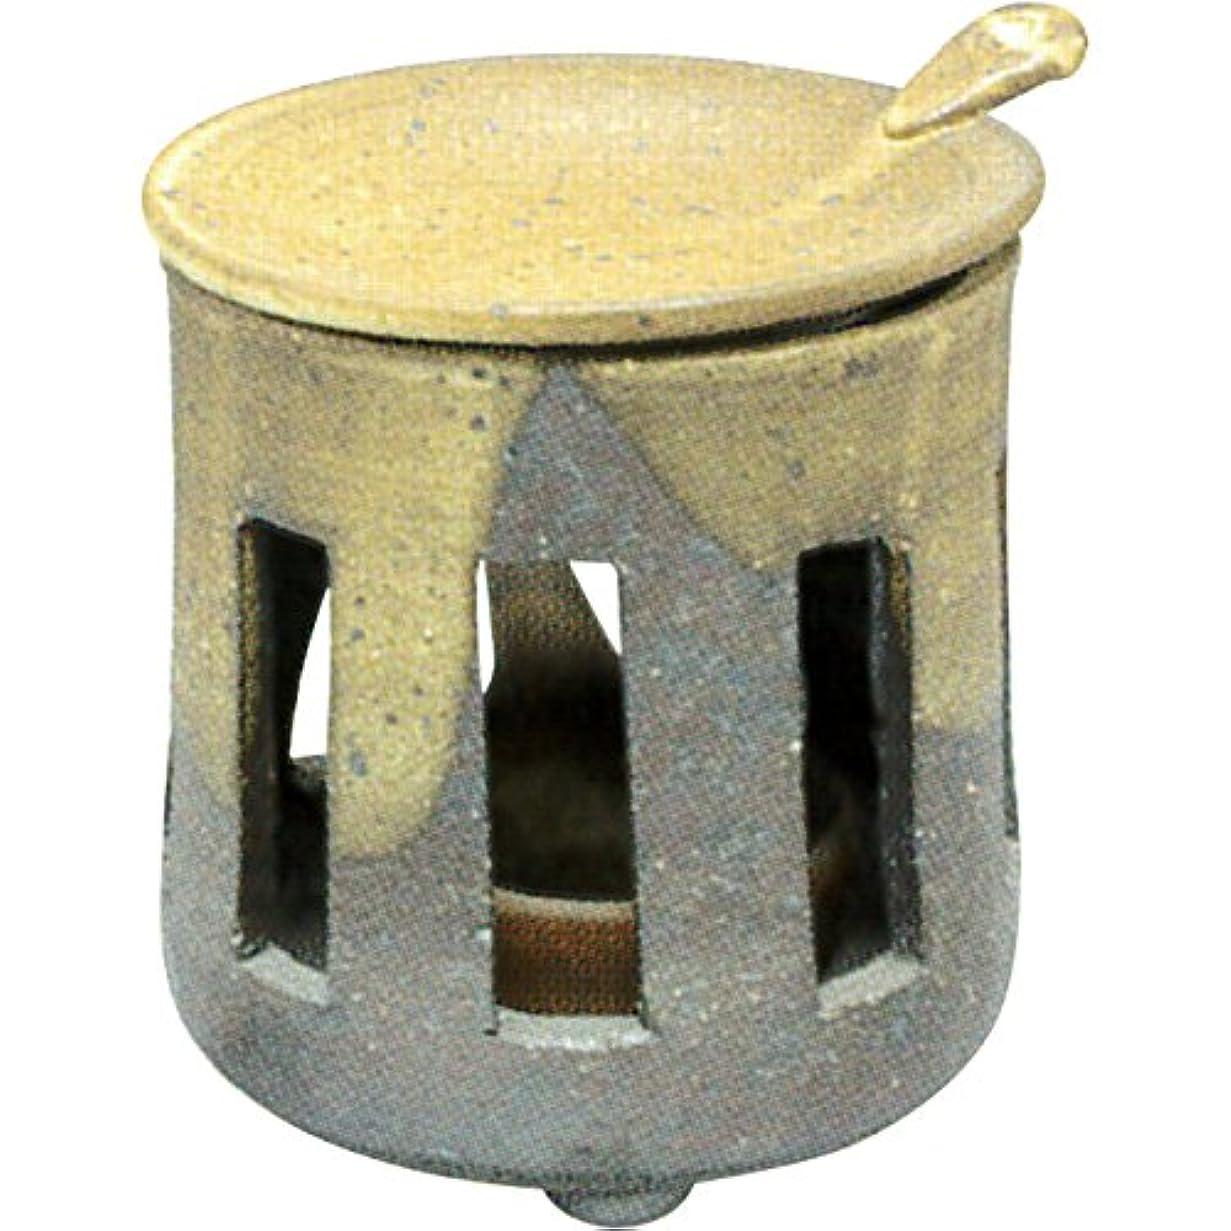 許さない仮定ハッチ茶香炉 : 常滑焼 焜清 茶香炉?サ39-03